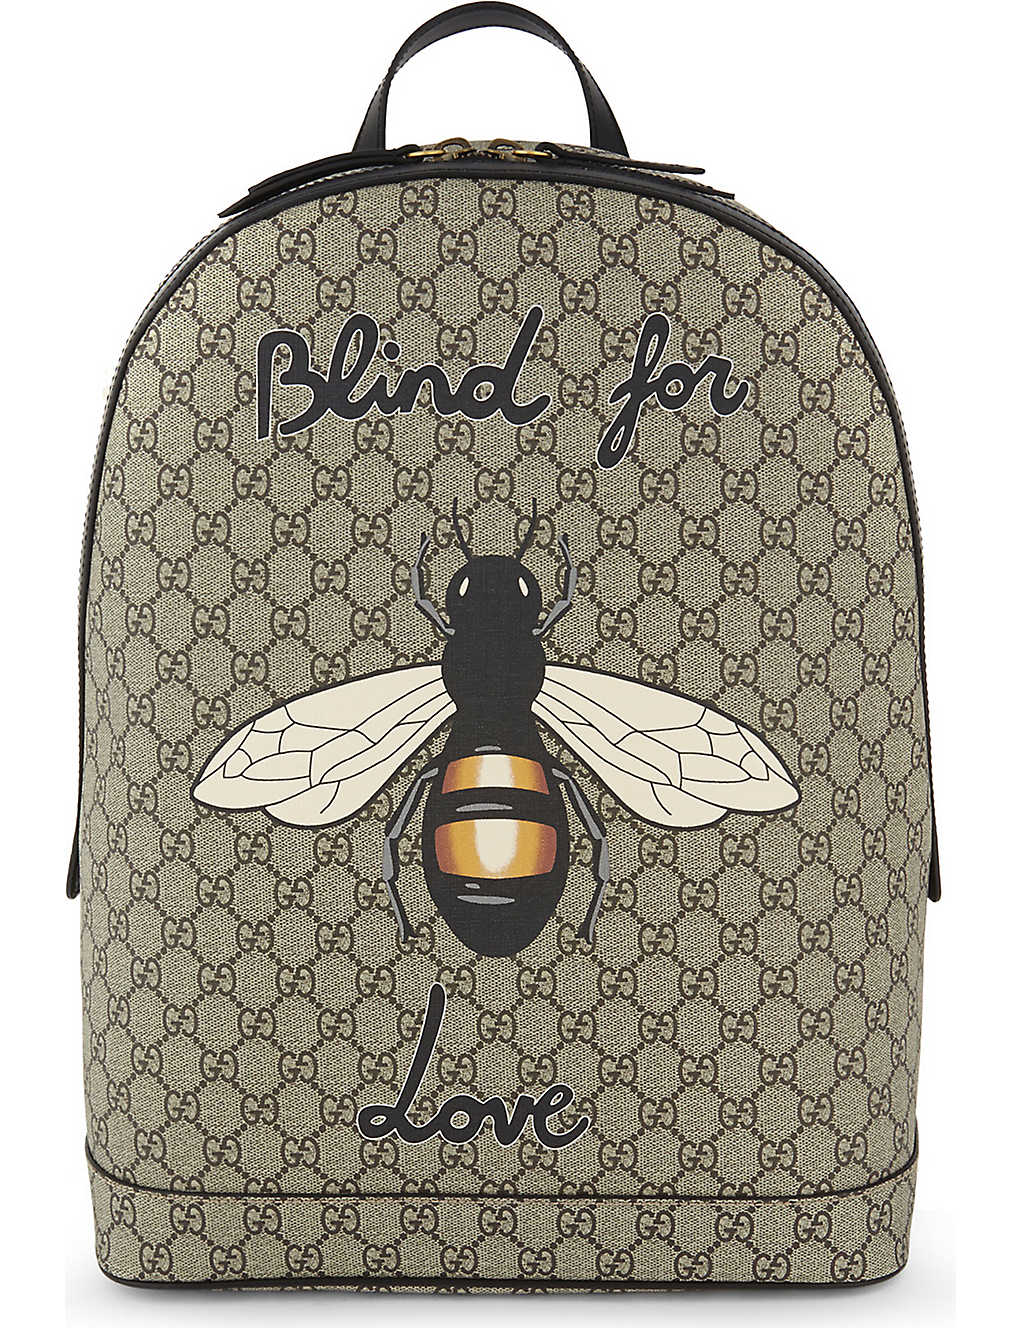 GUCCI - Bee print GG Supreme backpack  ed5b65b7b1917